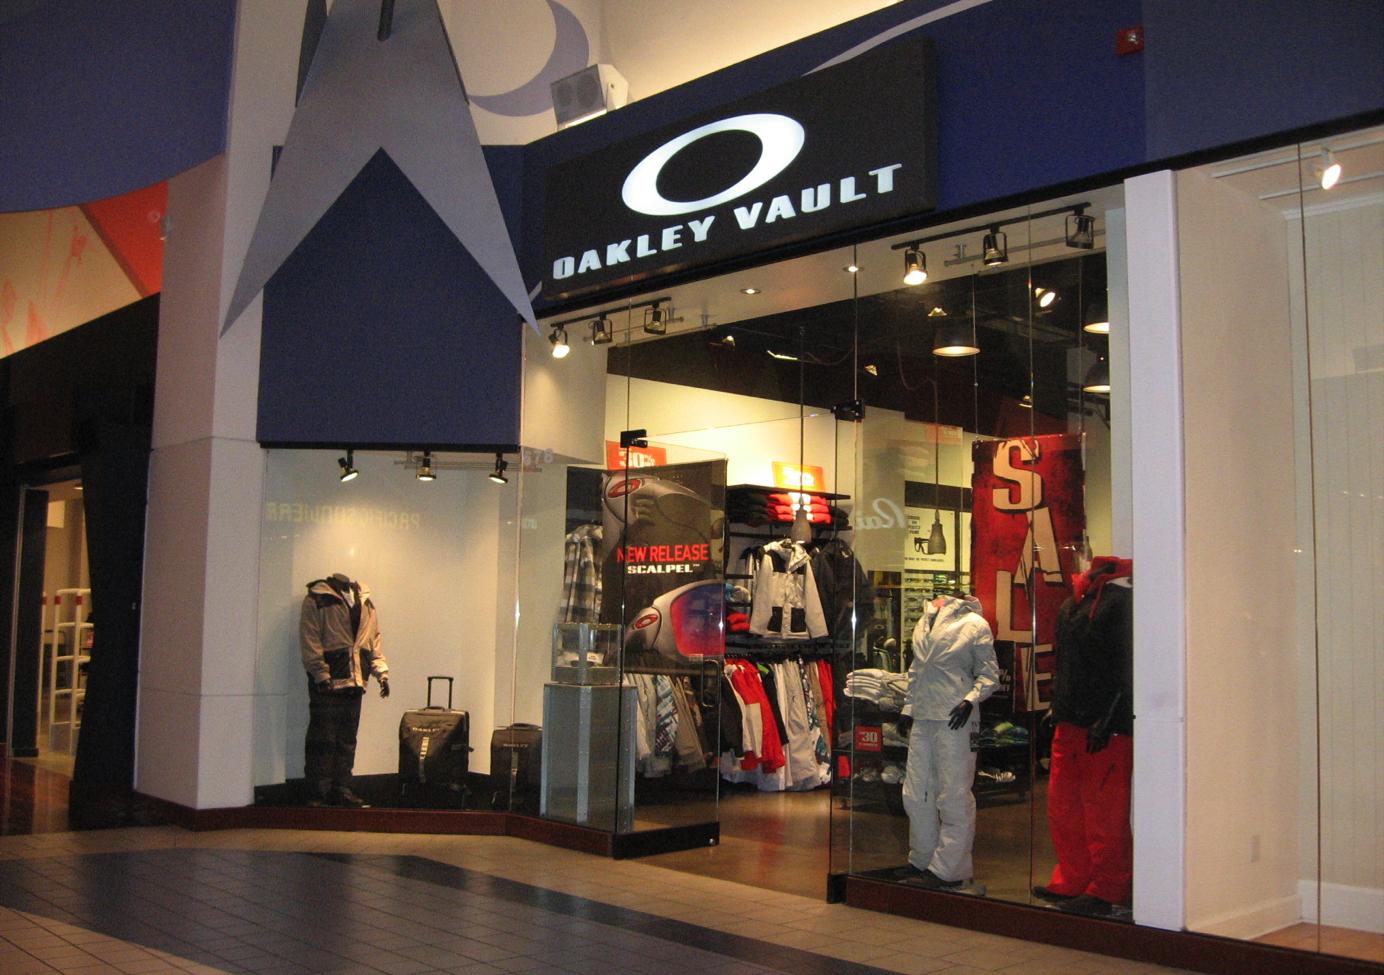 Oakley Vault image 0